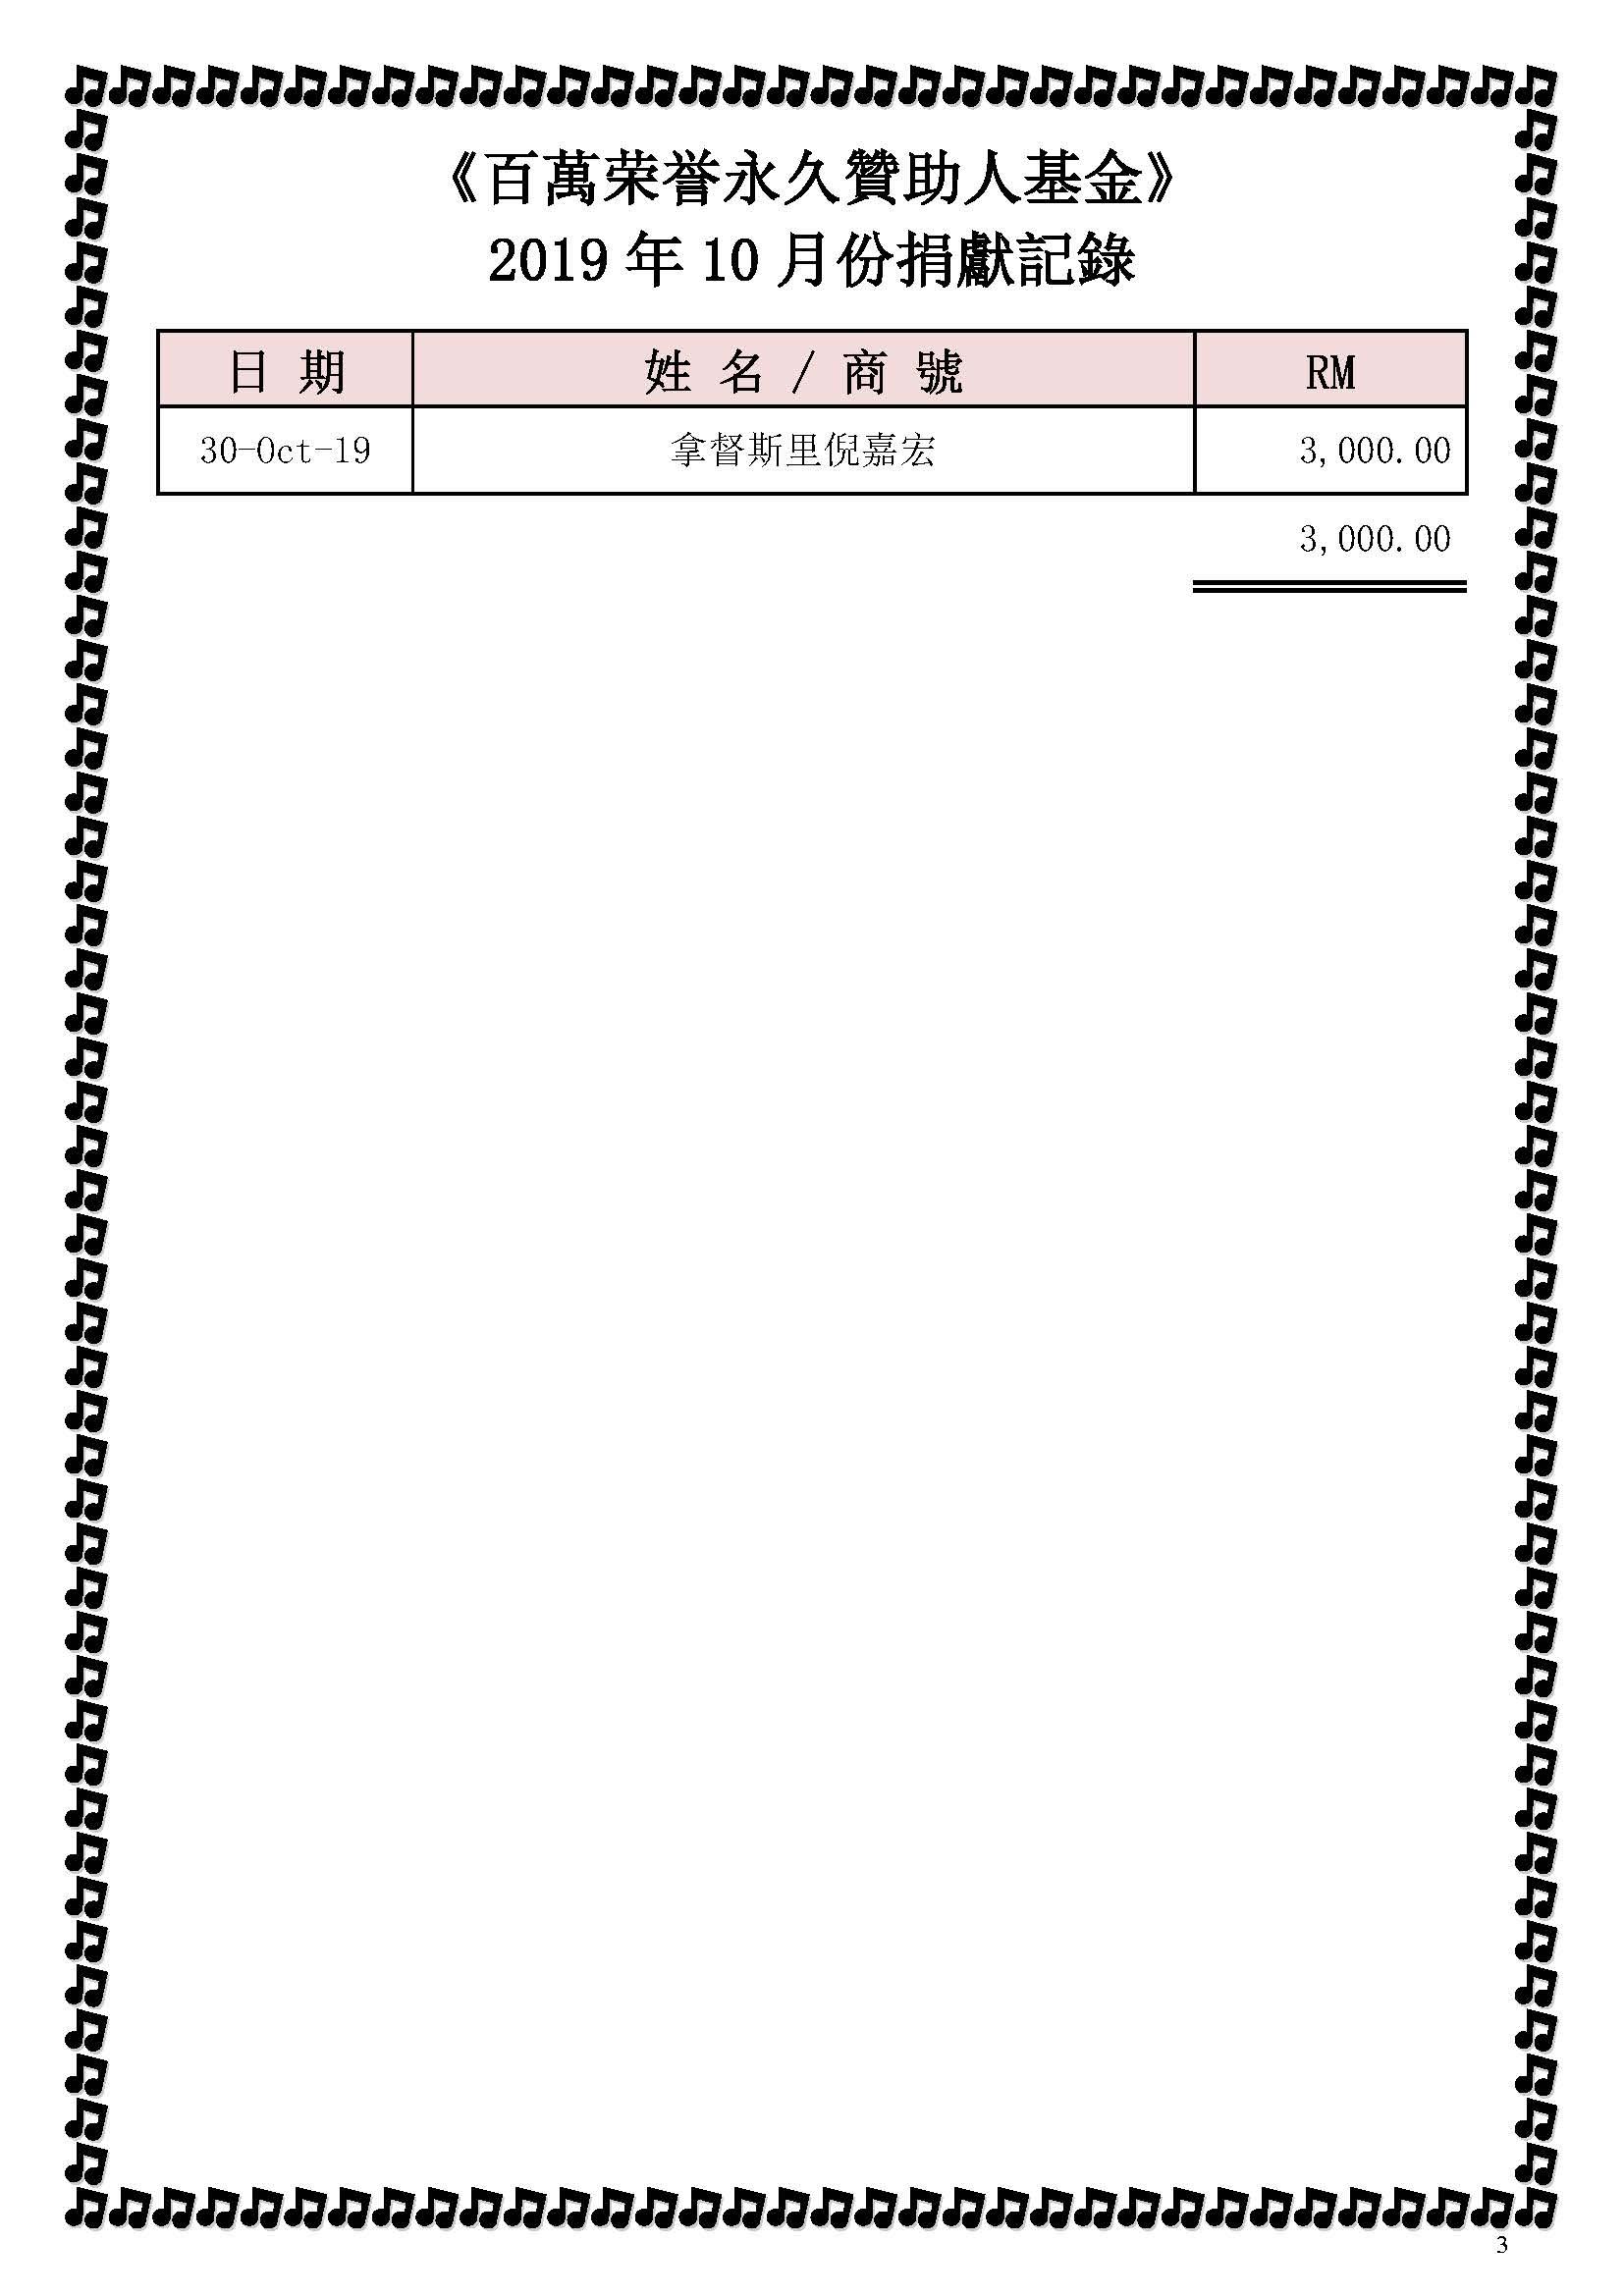 2019年10月份捐獻記錄_修改后_Page_3